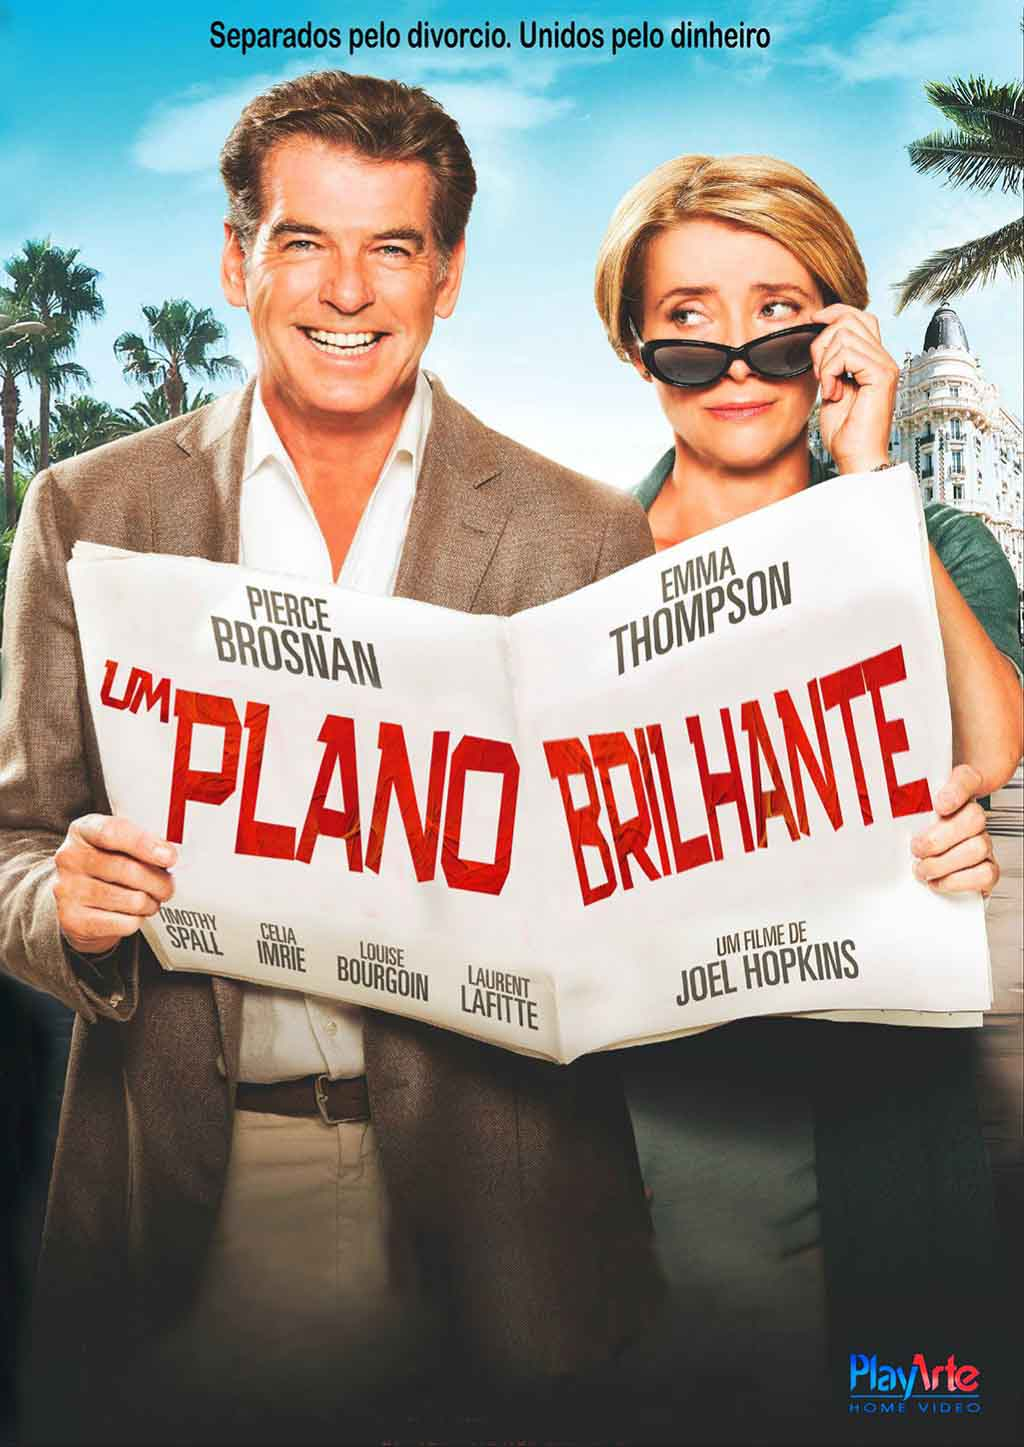 Um Plano Brilhante Torrent - Blu-ray Rip 1080p Dual Áudio (2015)